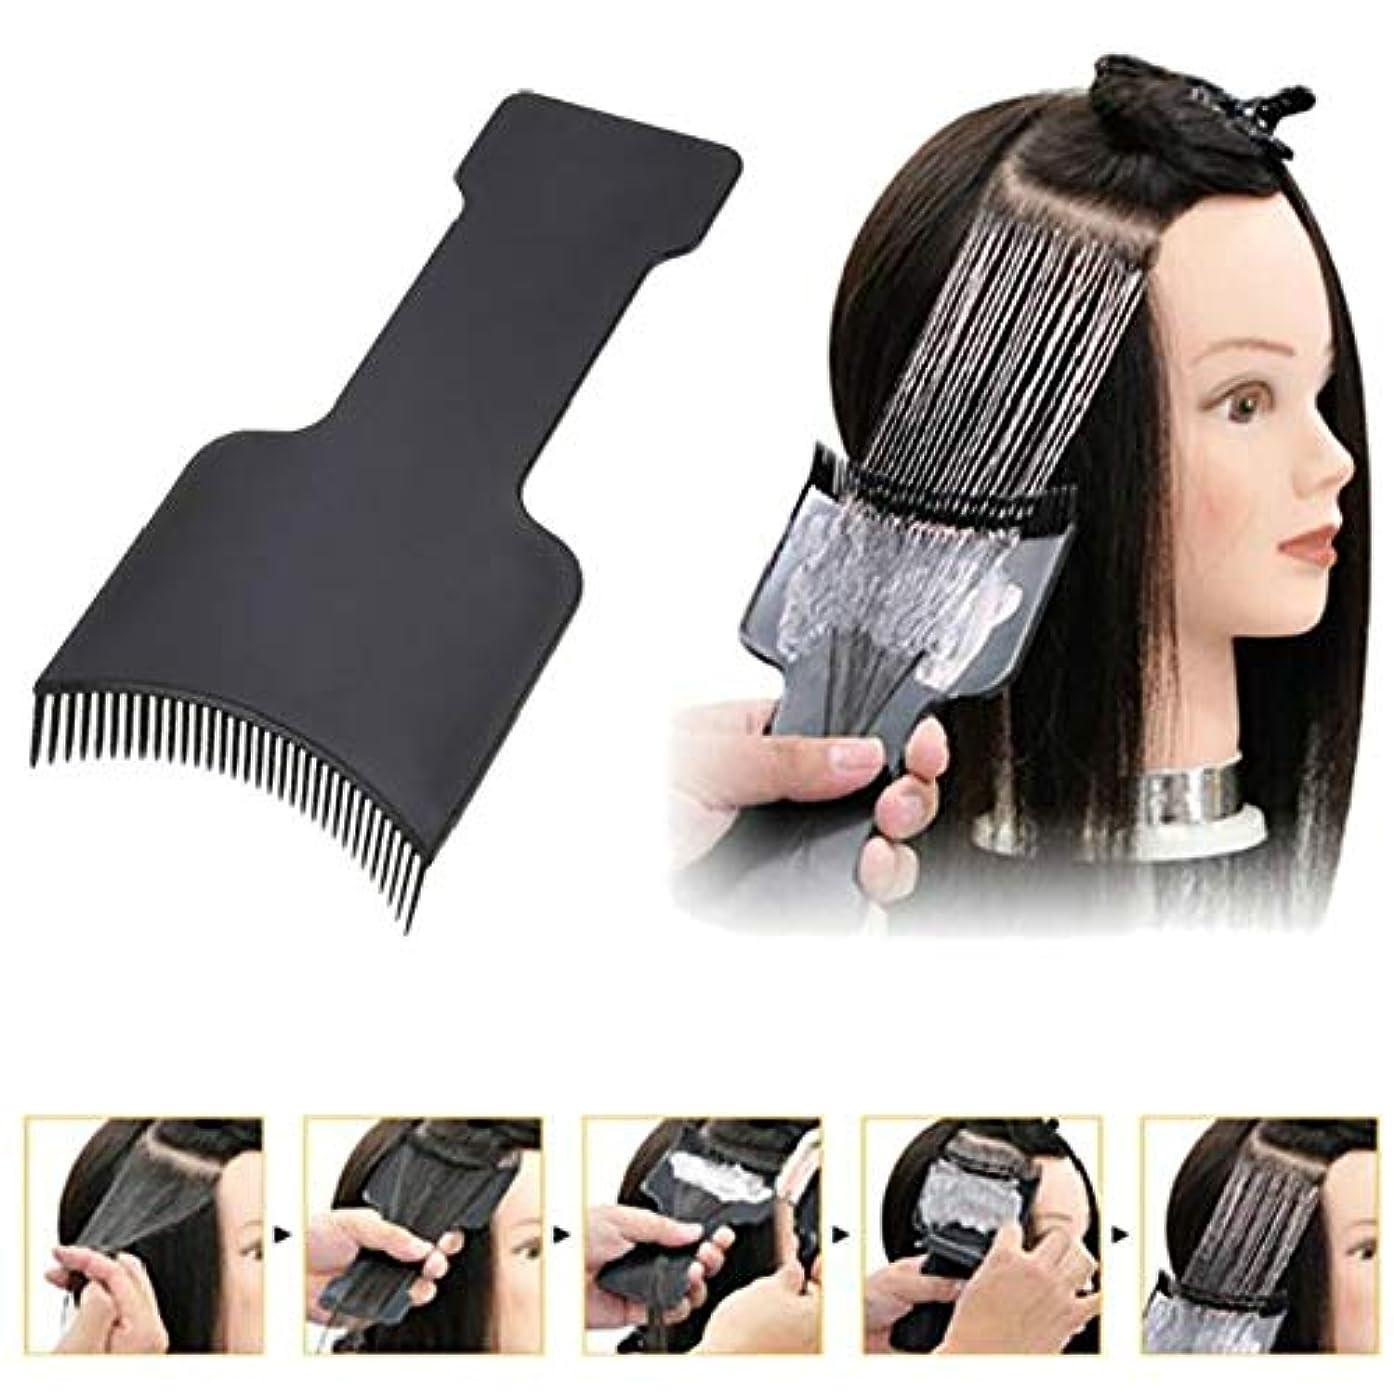 傘投げ捨てるストロークプロのファッション理髪ヘアアプリケータブラシ調剤サロンヘアカラーリング染色ピックカラーボードヘアスタイリングツール (M,ブラック)